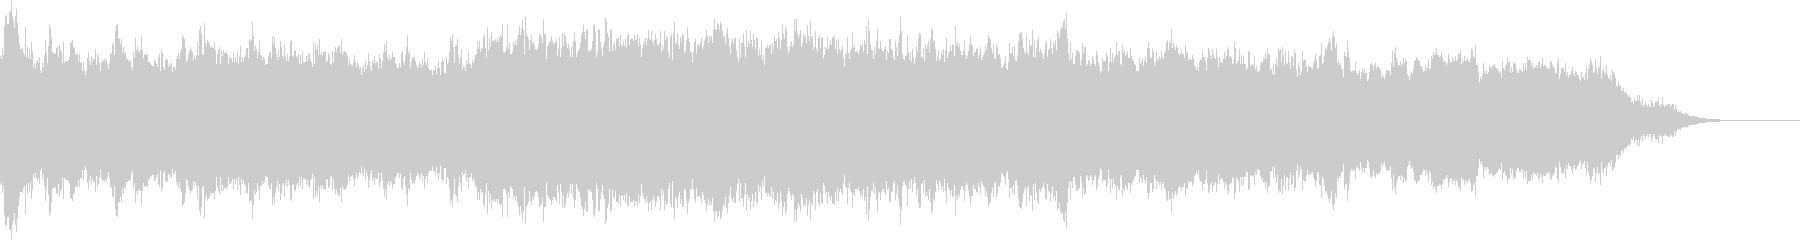 高音質Ver 壮大華やか 白鳥の湖 終曲の未再生の波形